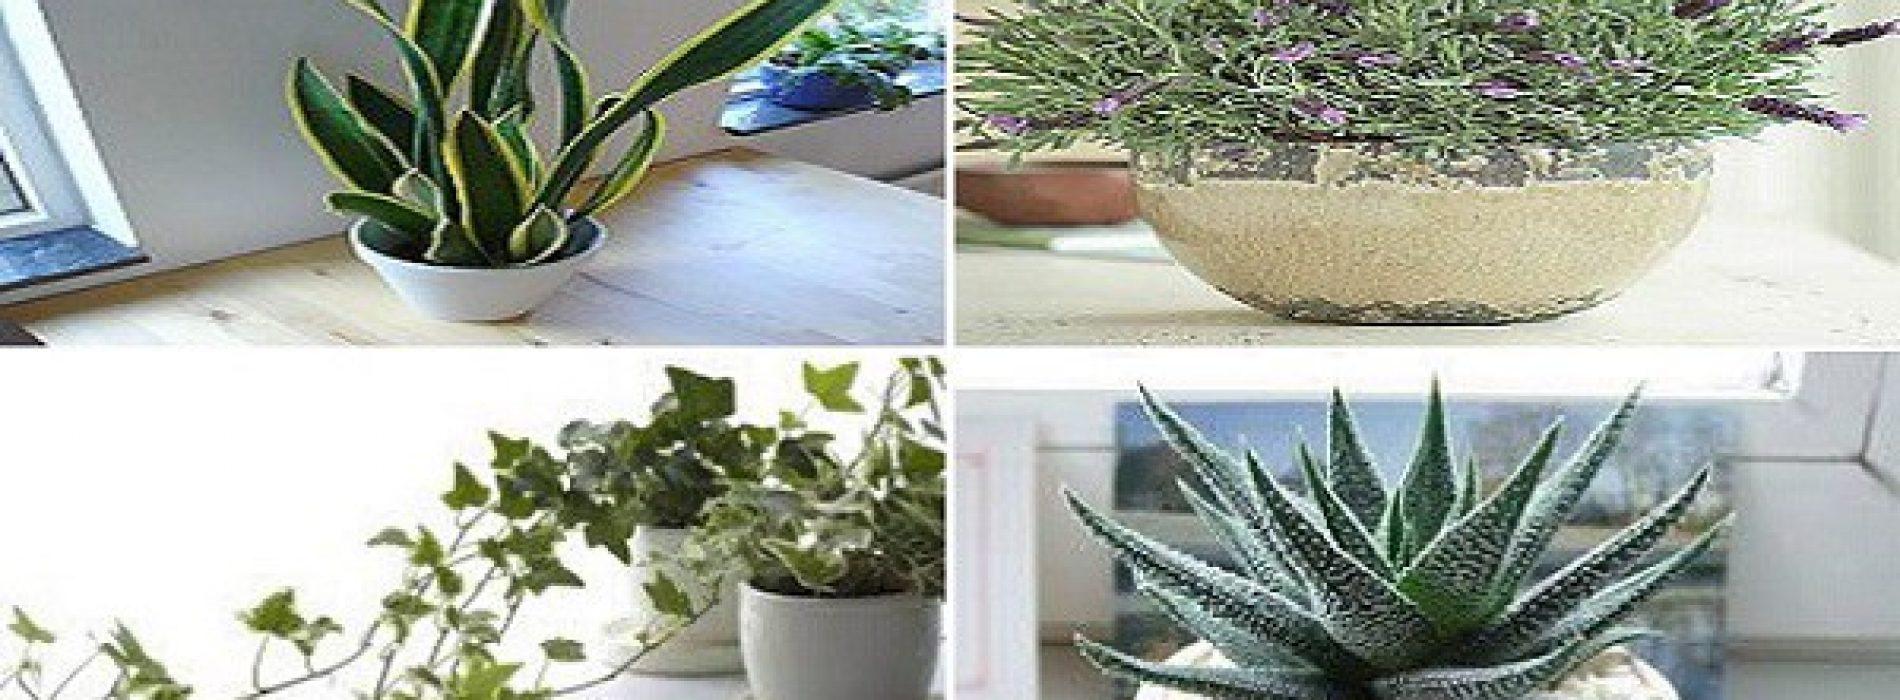 4 planten voor je slaapkamer om slapeloosheid en slaapapneu te behandelen